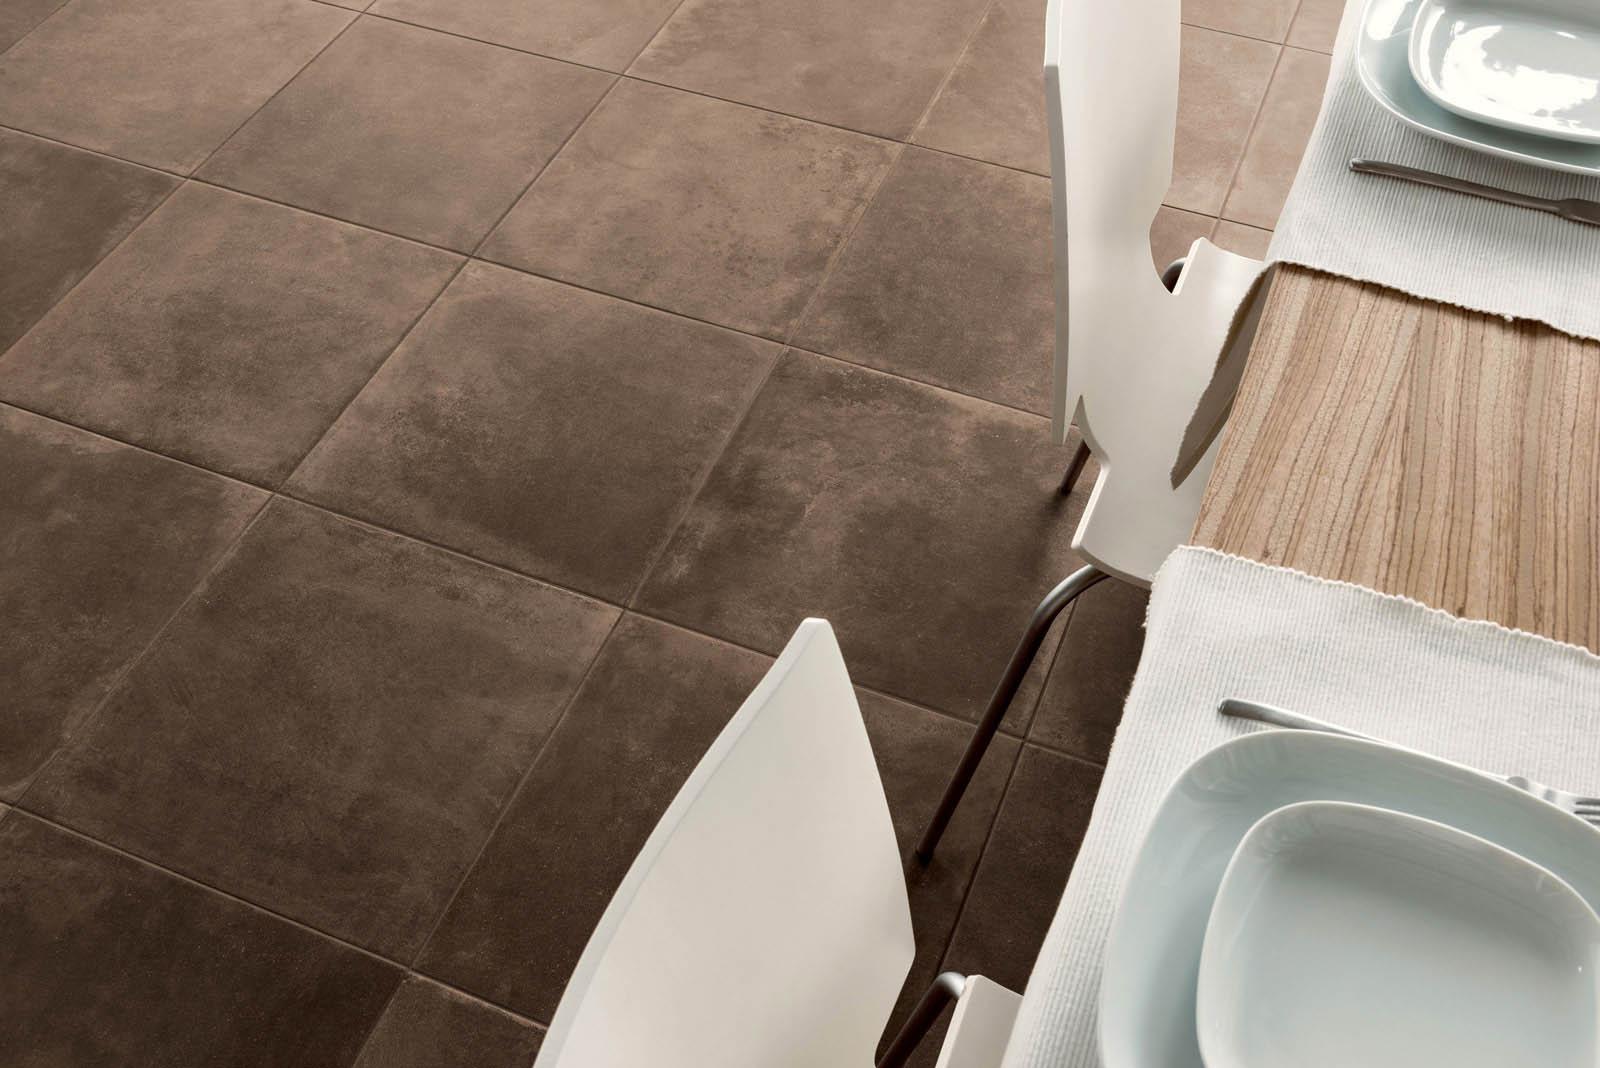 Pavimenti e rivestimenti in ceramica piastrelle gres alfa group